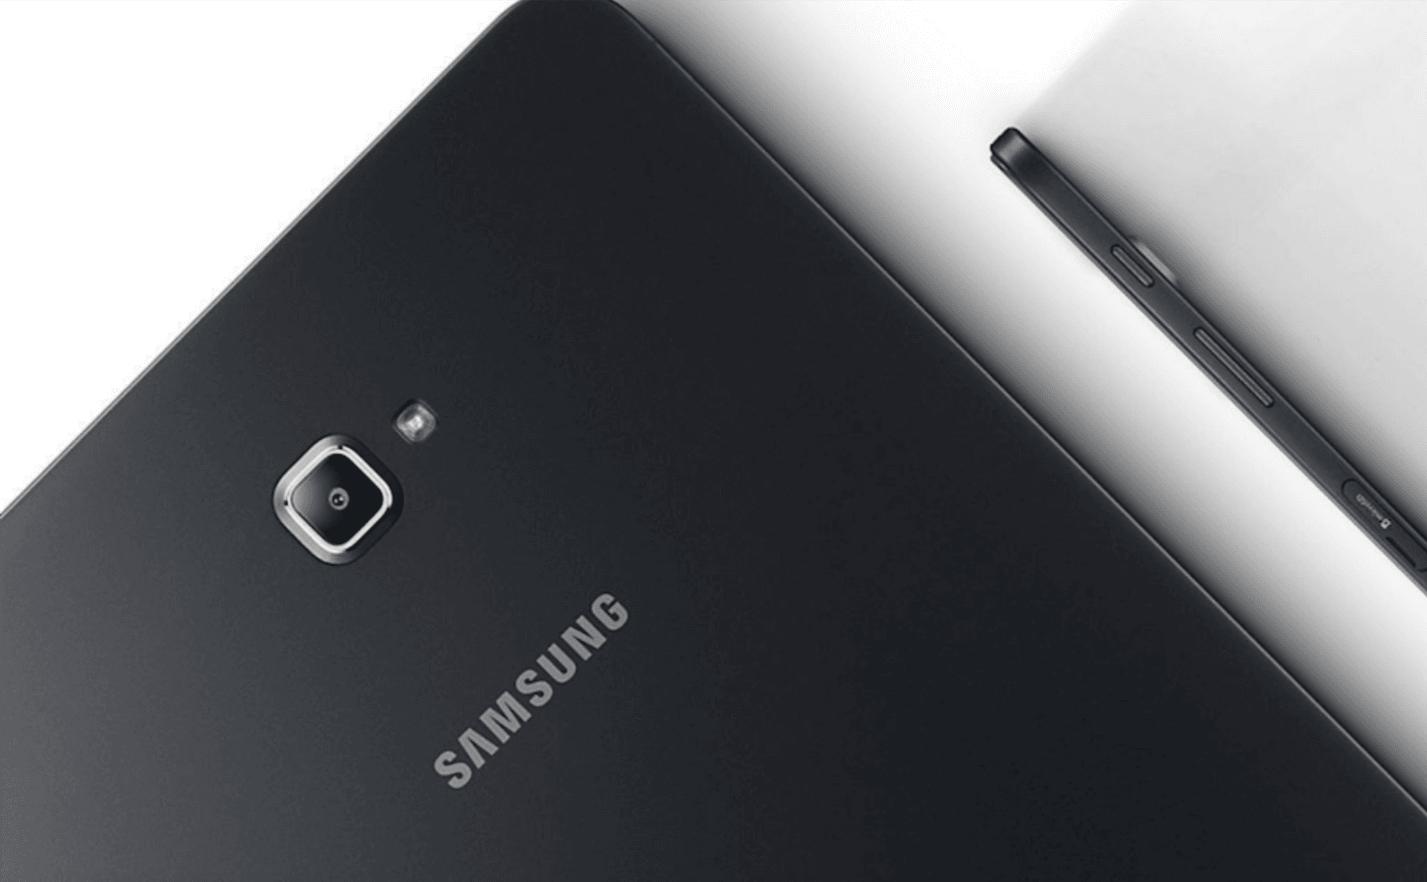 Sprawdźmy, co Samsung szykuje w temacie tabletów. Galaxy Tab Advanced 2 i Advanced 2 XL na zdjęciach 16